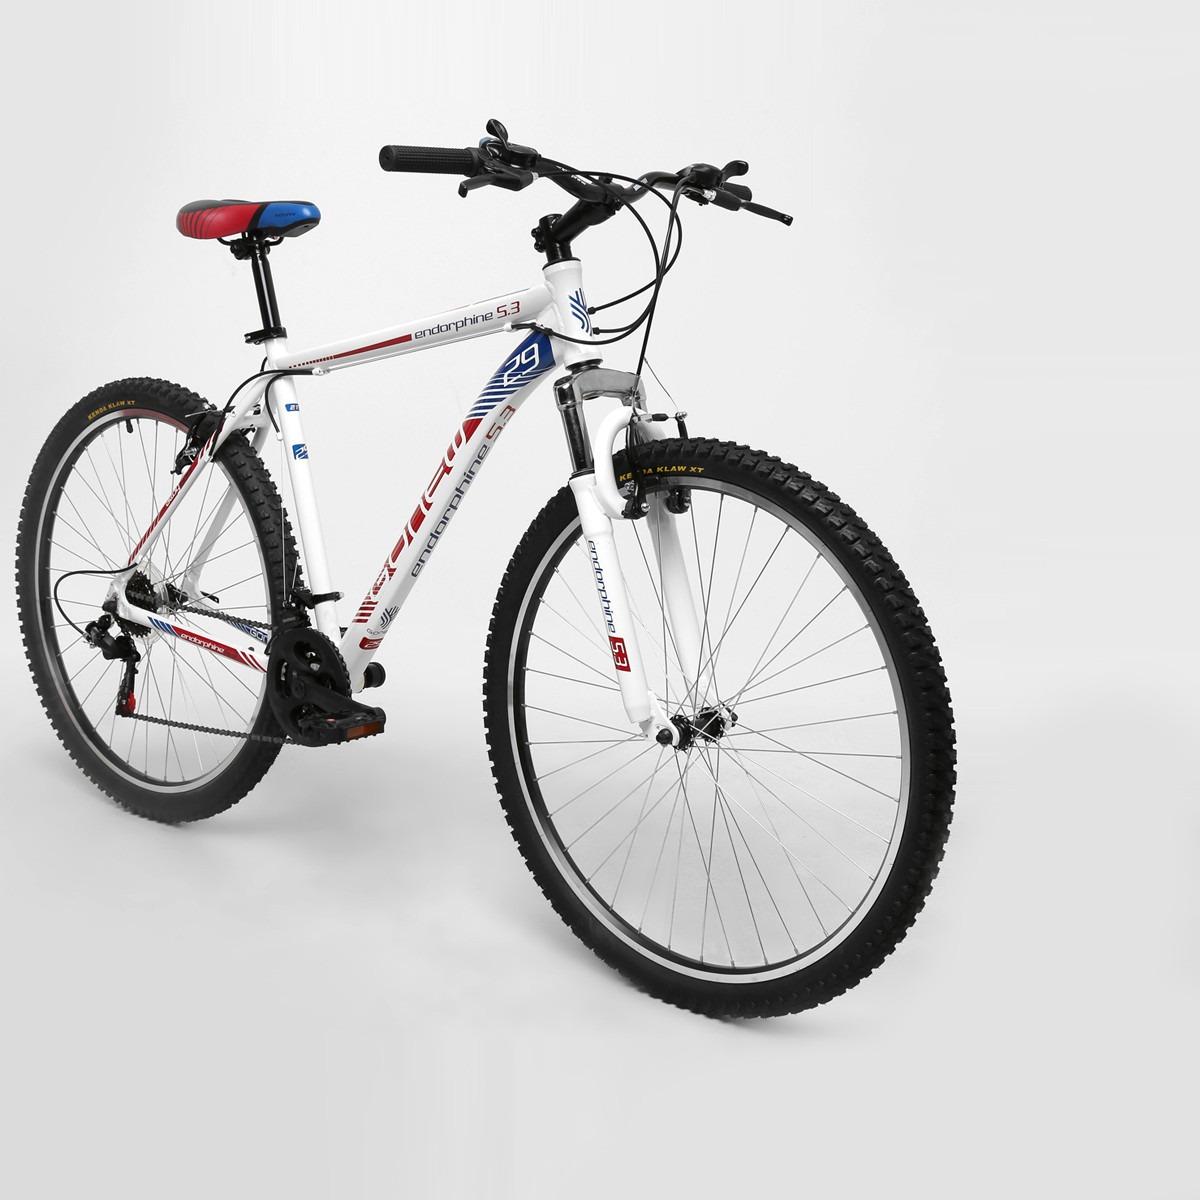 ea11b0179 bicicleta gonew endorphine quadro 21 + aro 29 12 x s  juros. Carregando zoom .